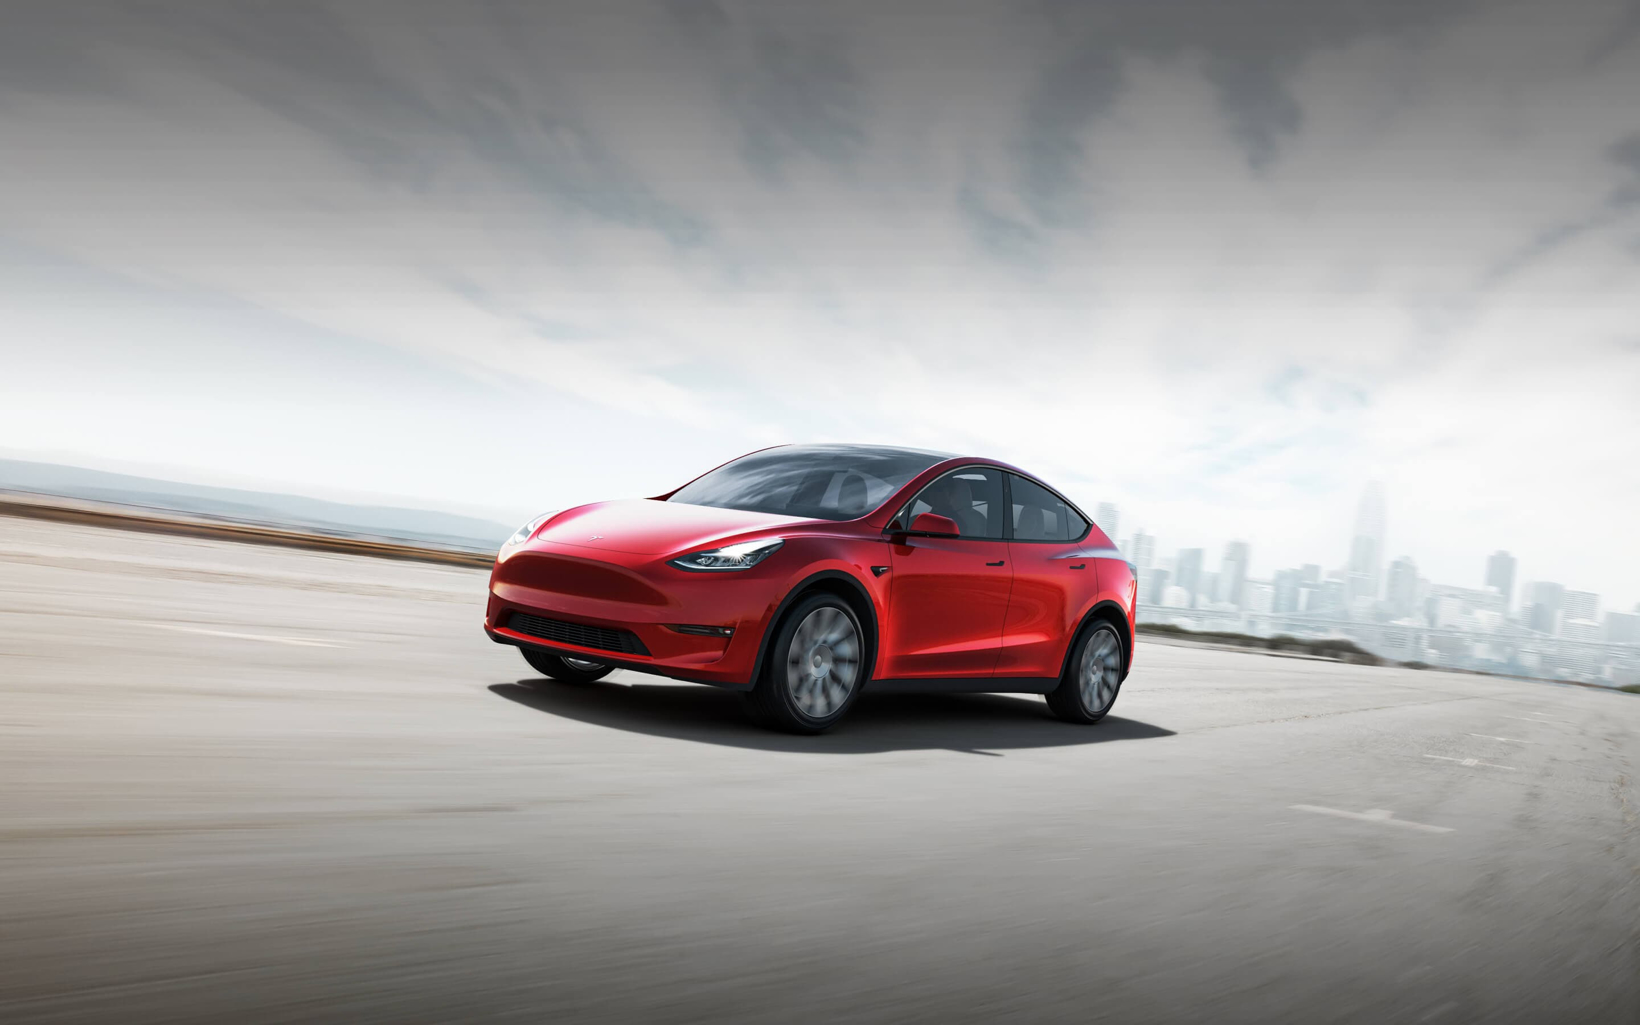 电动汽车,美国电动汽车,电动汽车补贴